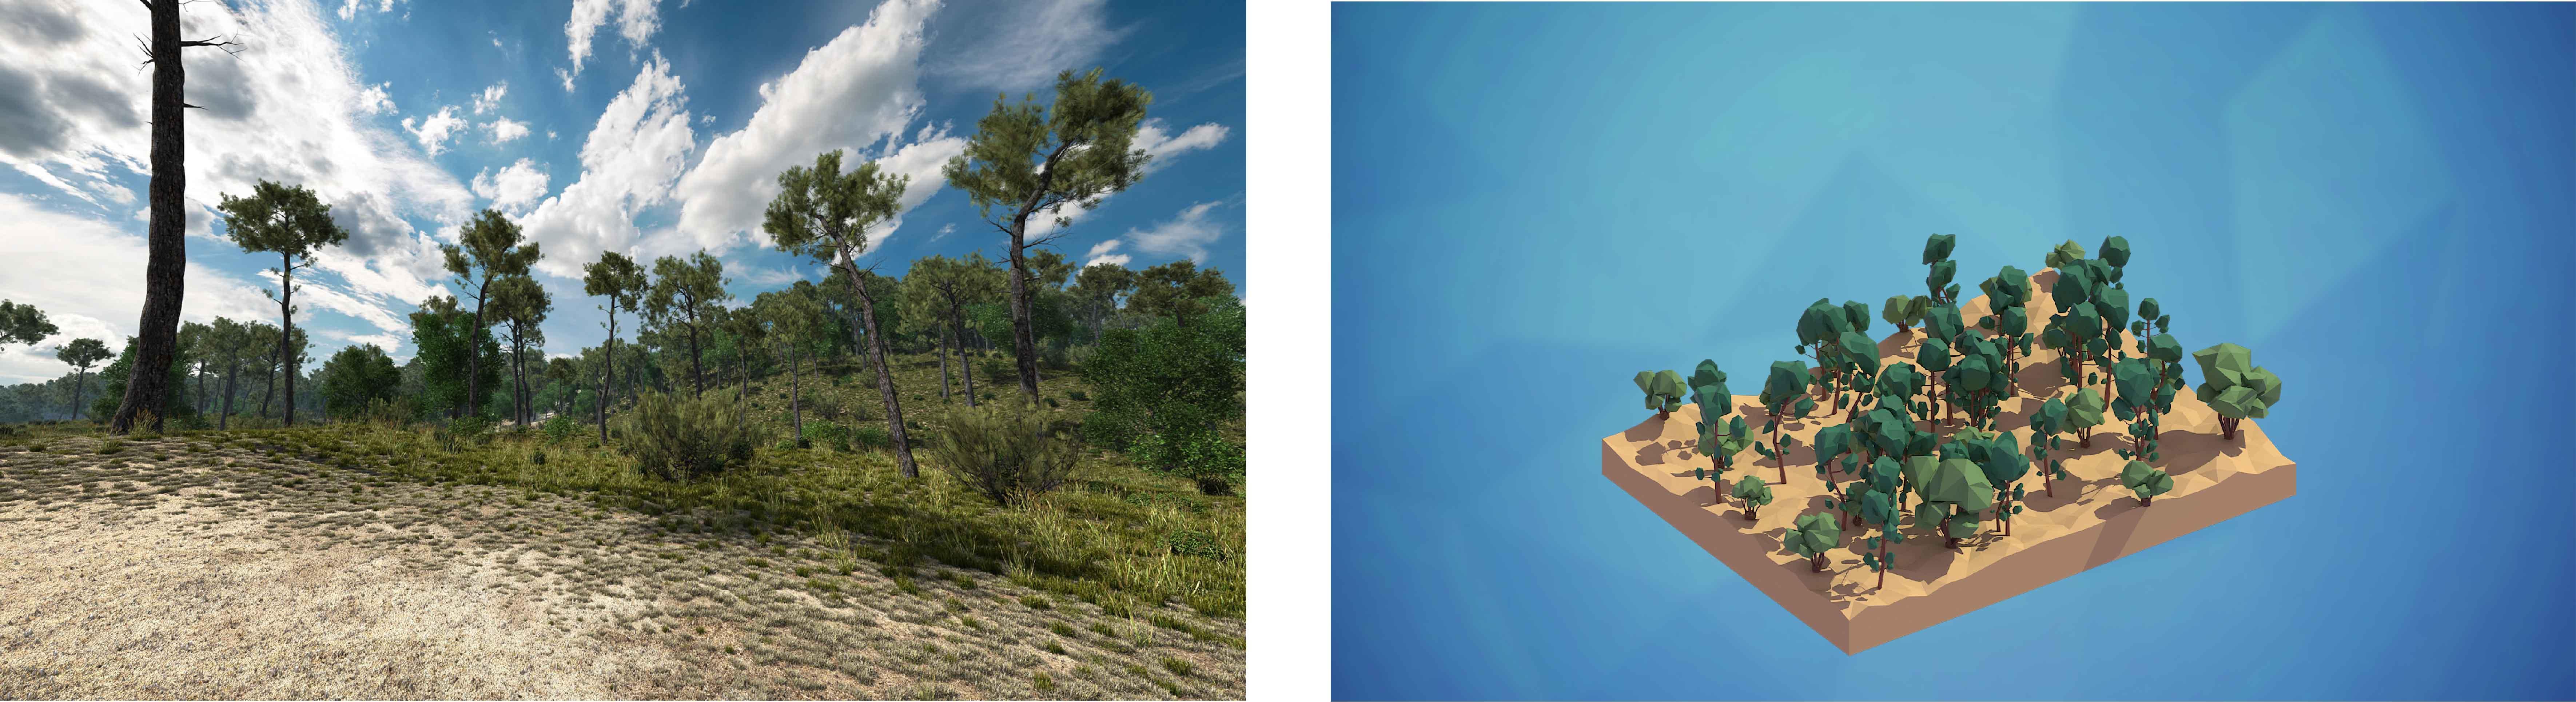 deux images pour montrer les différents approches graphiques en visualisation scientifique